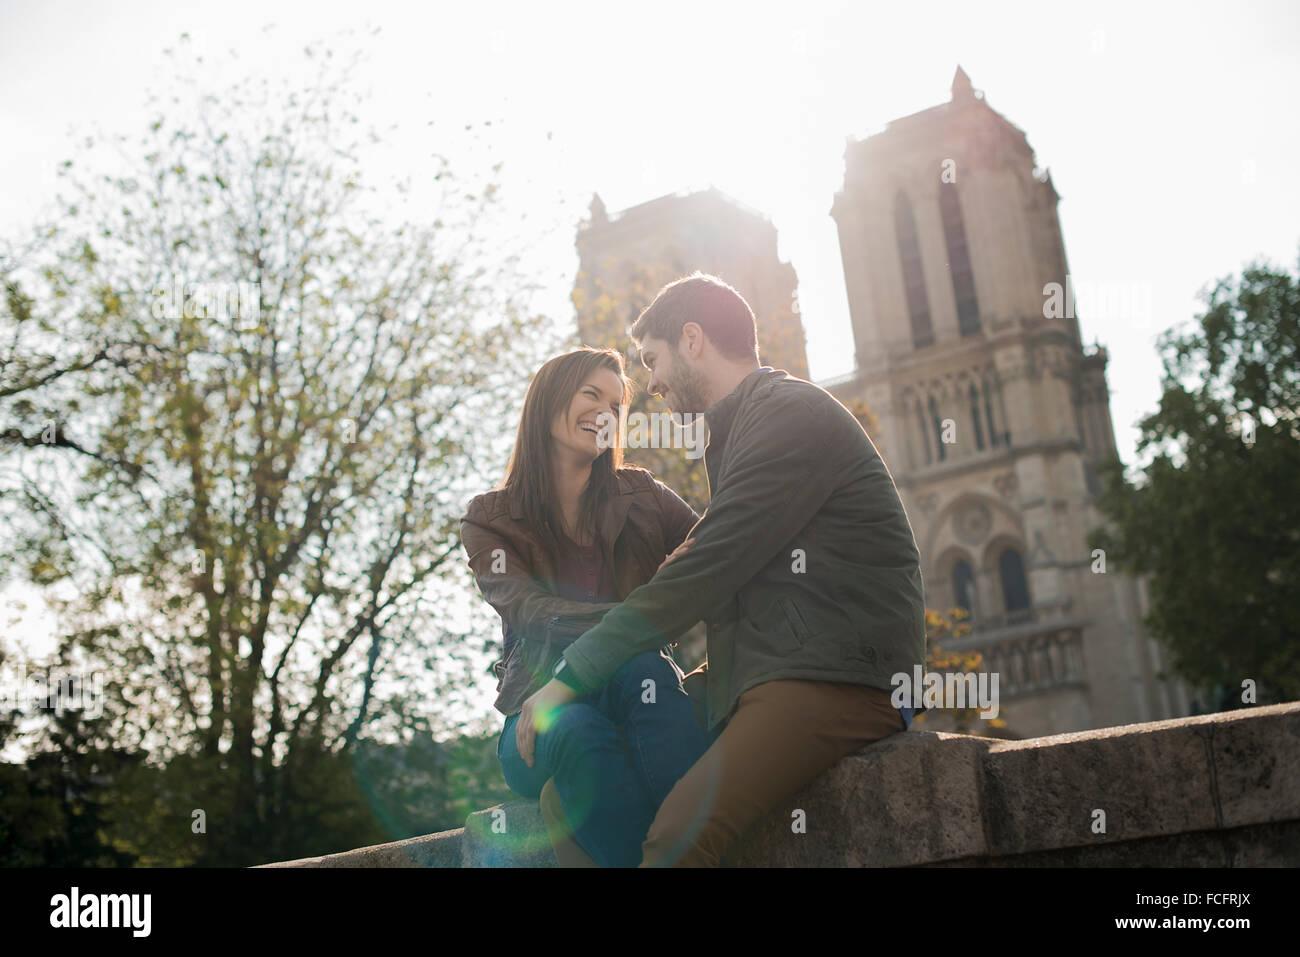 Un couple dans une humeur romantique, côte à côte avec les bras autour de l'autre à l'extérieur Photo Stock